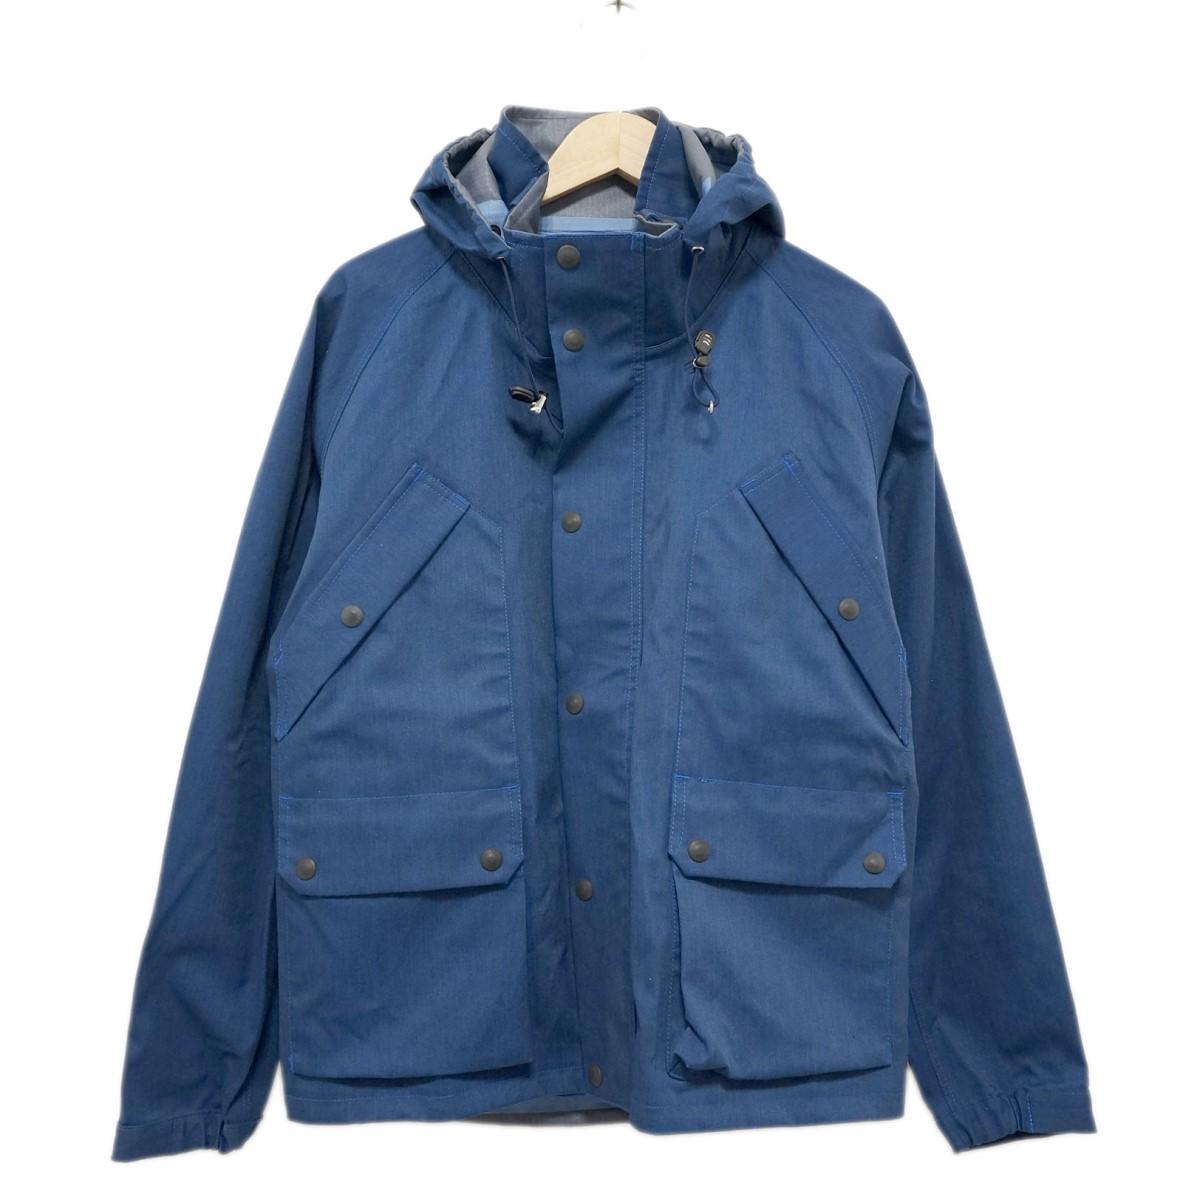 【中古】narifuri3layered field jacket 3レイヤーフィールドジャケット NF685 ネイビー サイズ:S 【4月27日見直し】